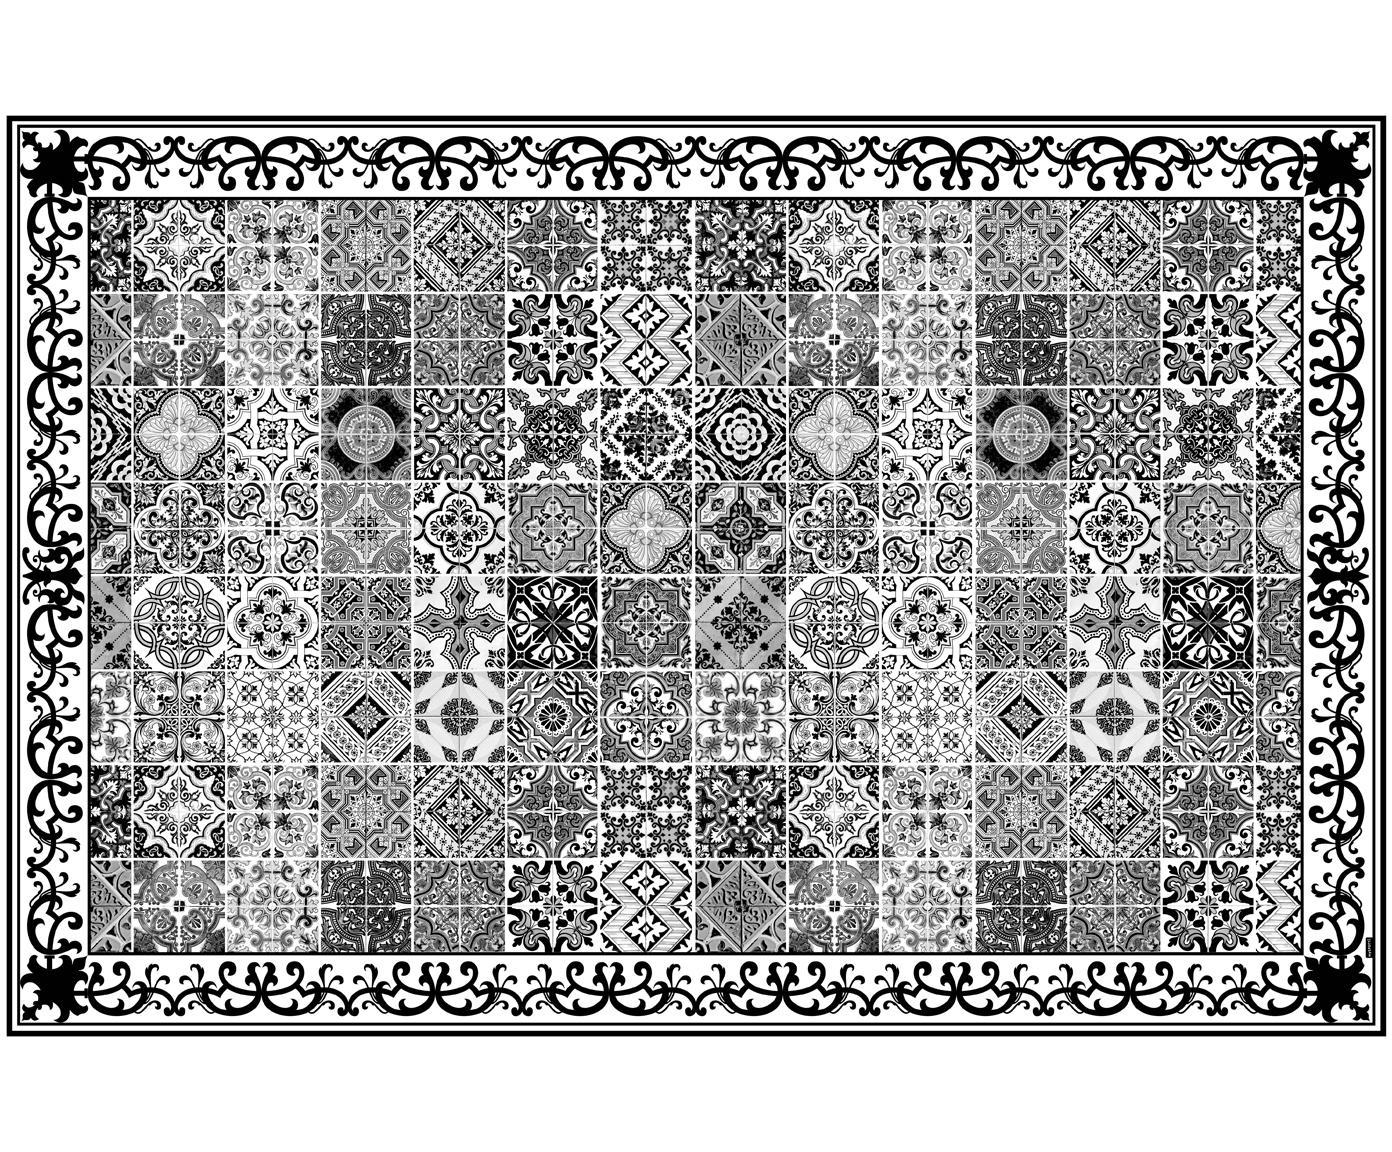 Vinyl vloermat Olè, Recyclebaar vinyl, Zwart, wit, grijs, 136 x 203 cm